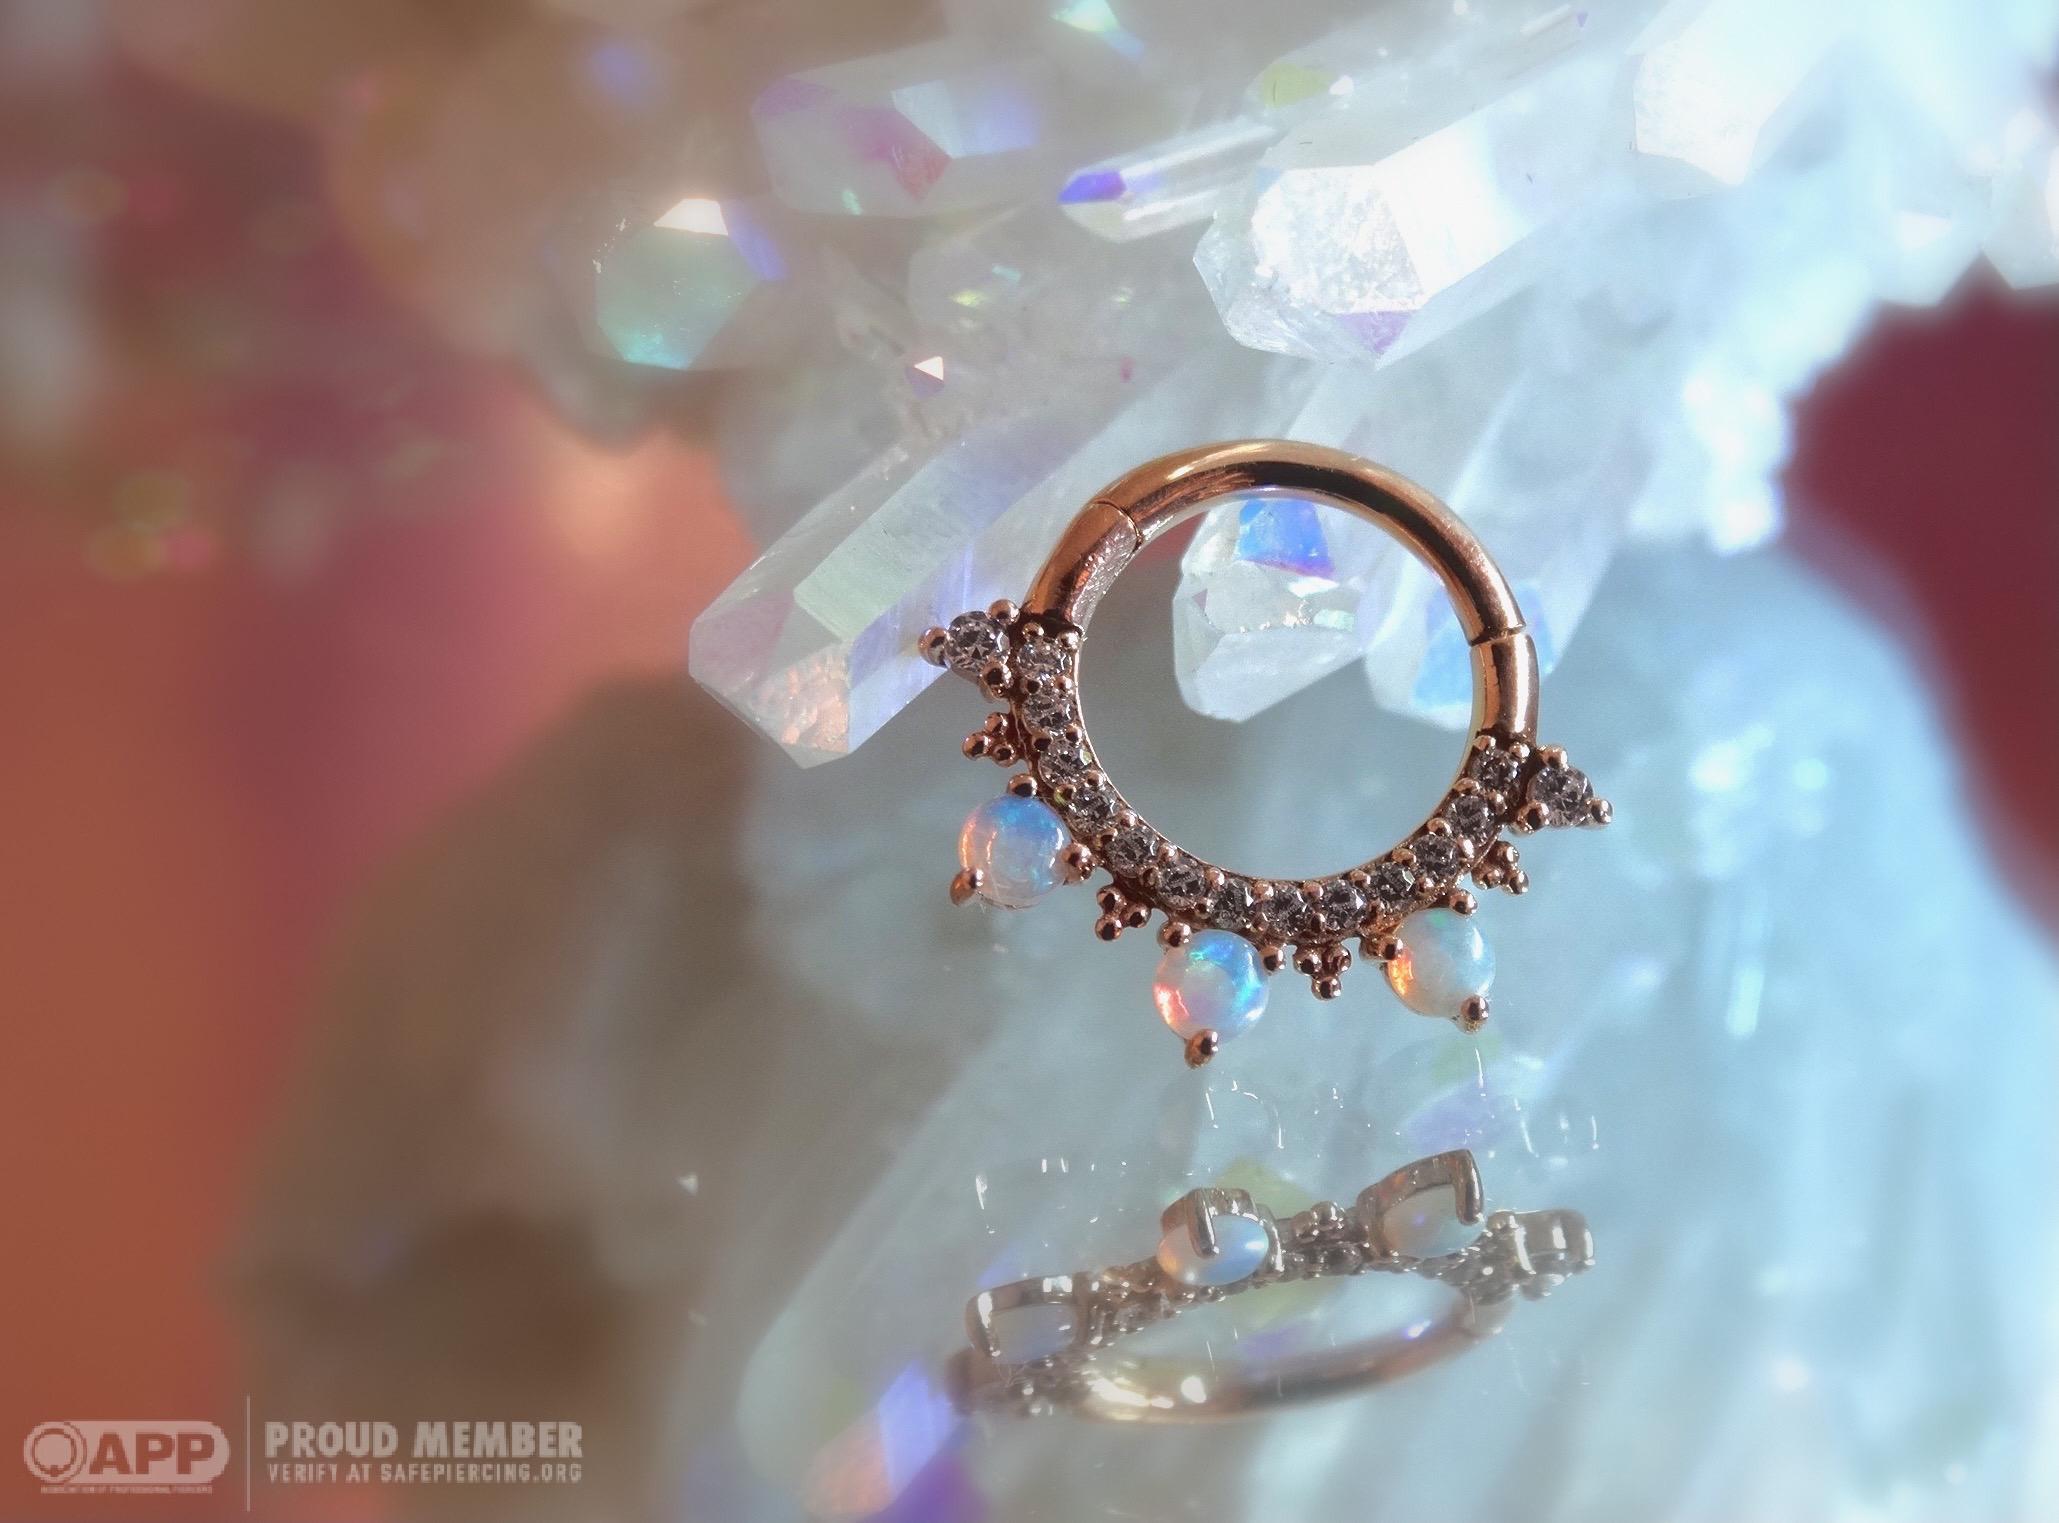 Buddha Jewelry Organics w app logo